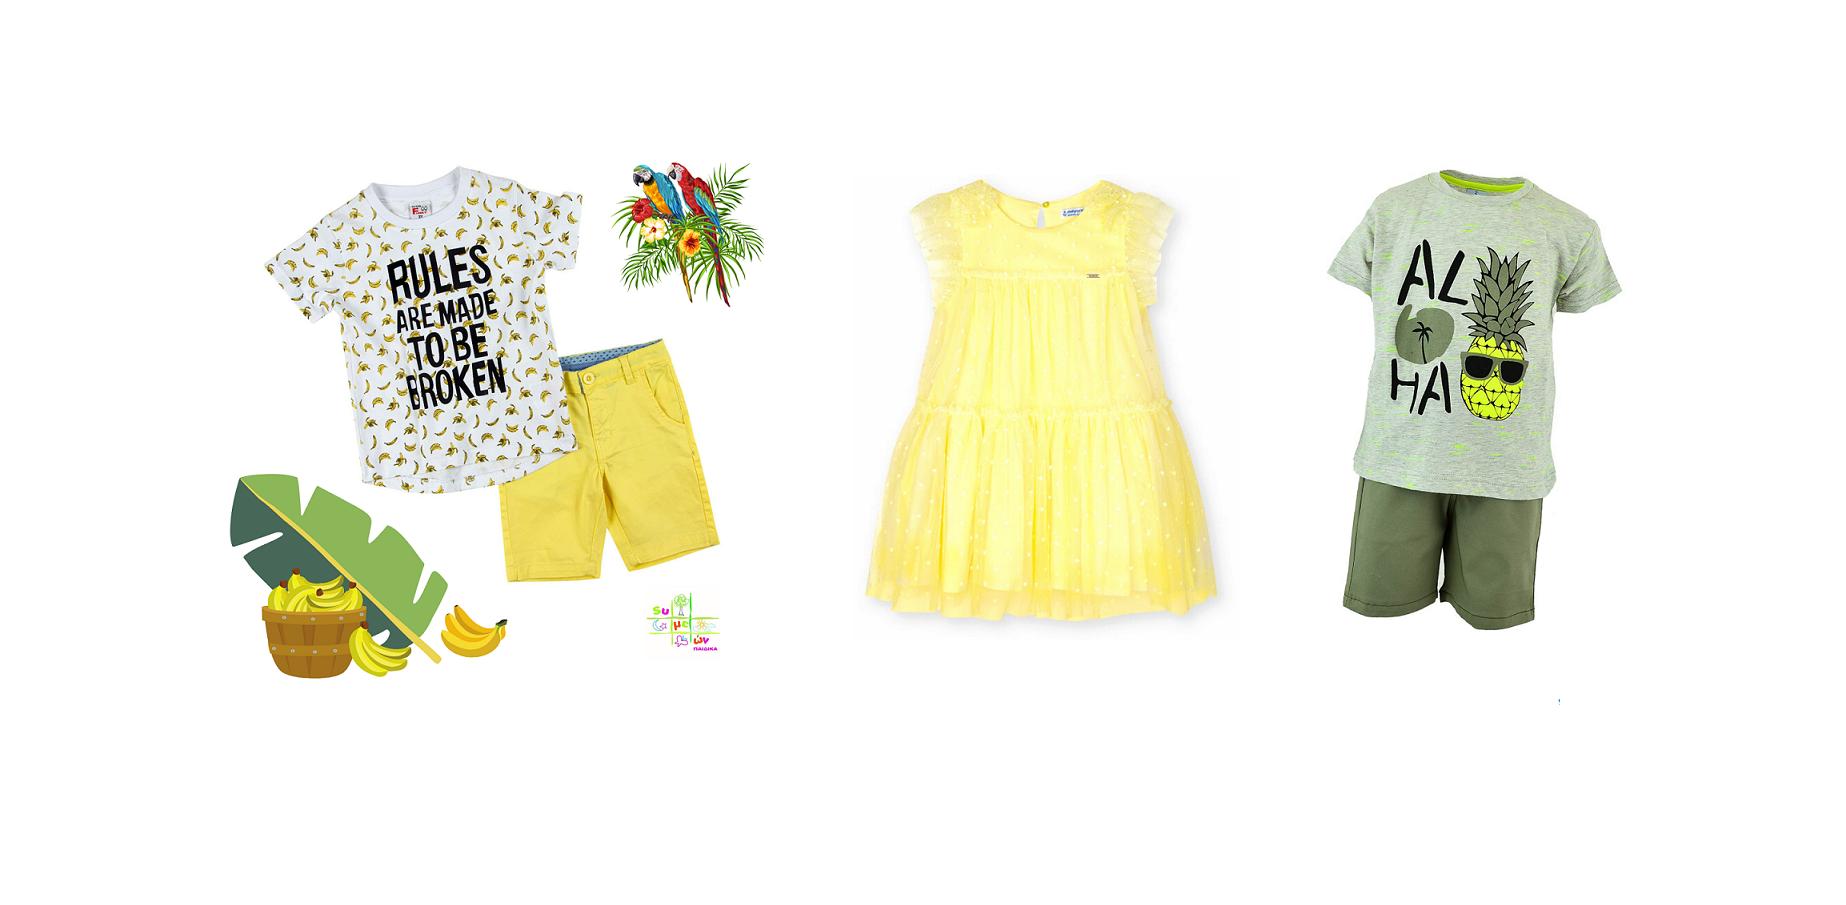 Μοντέρνα καλοκαιρινά παιδικά ρούχα Παιδικά Συμεών